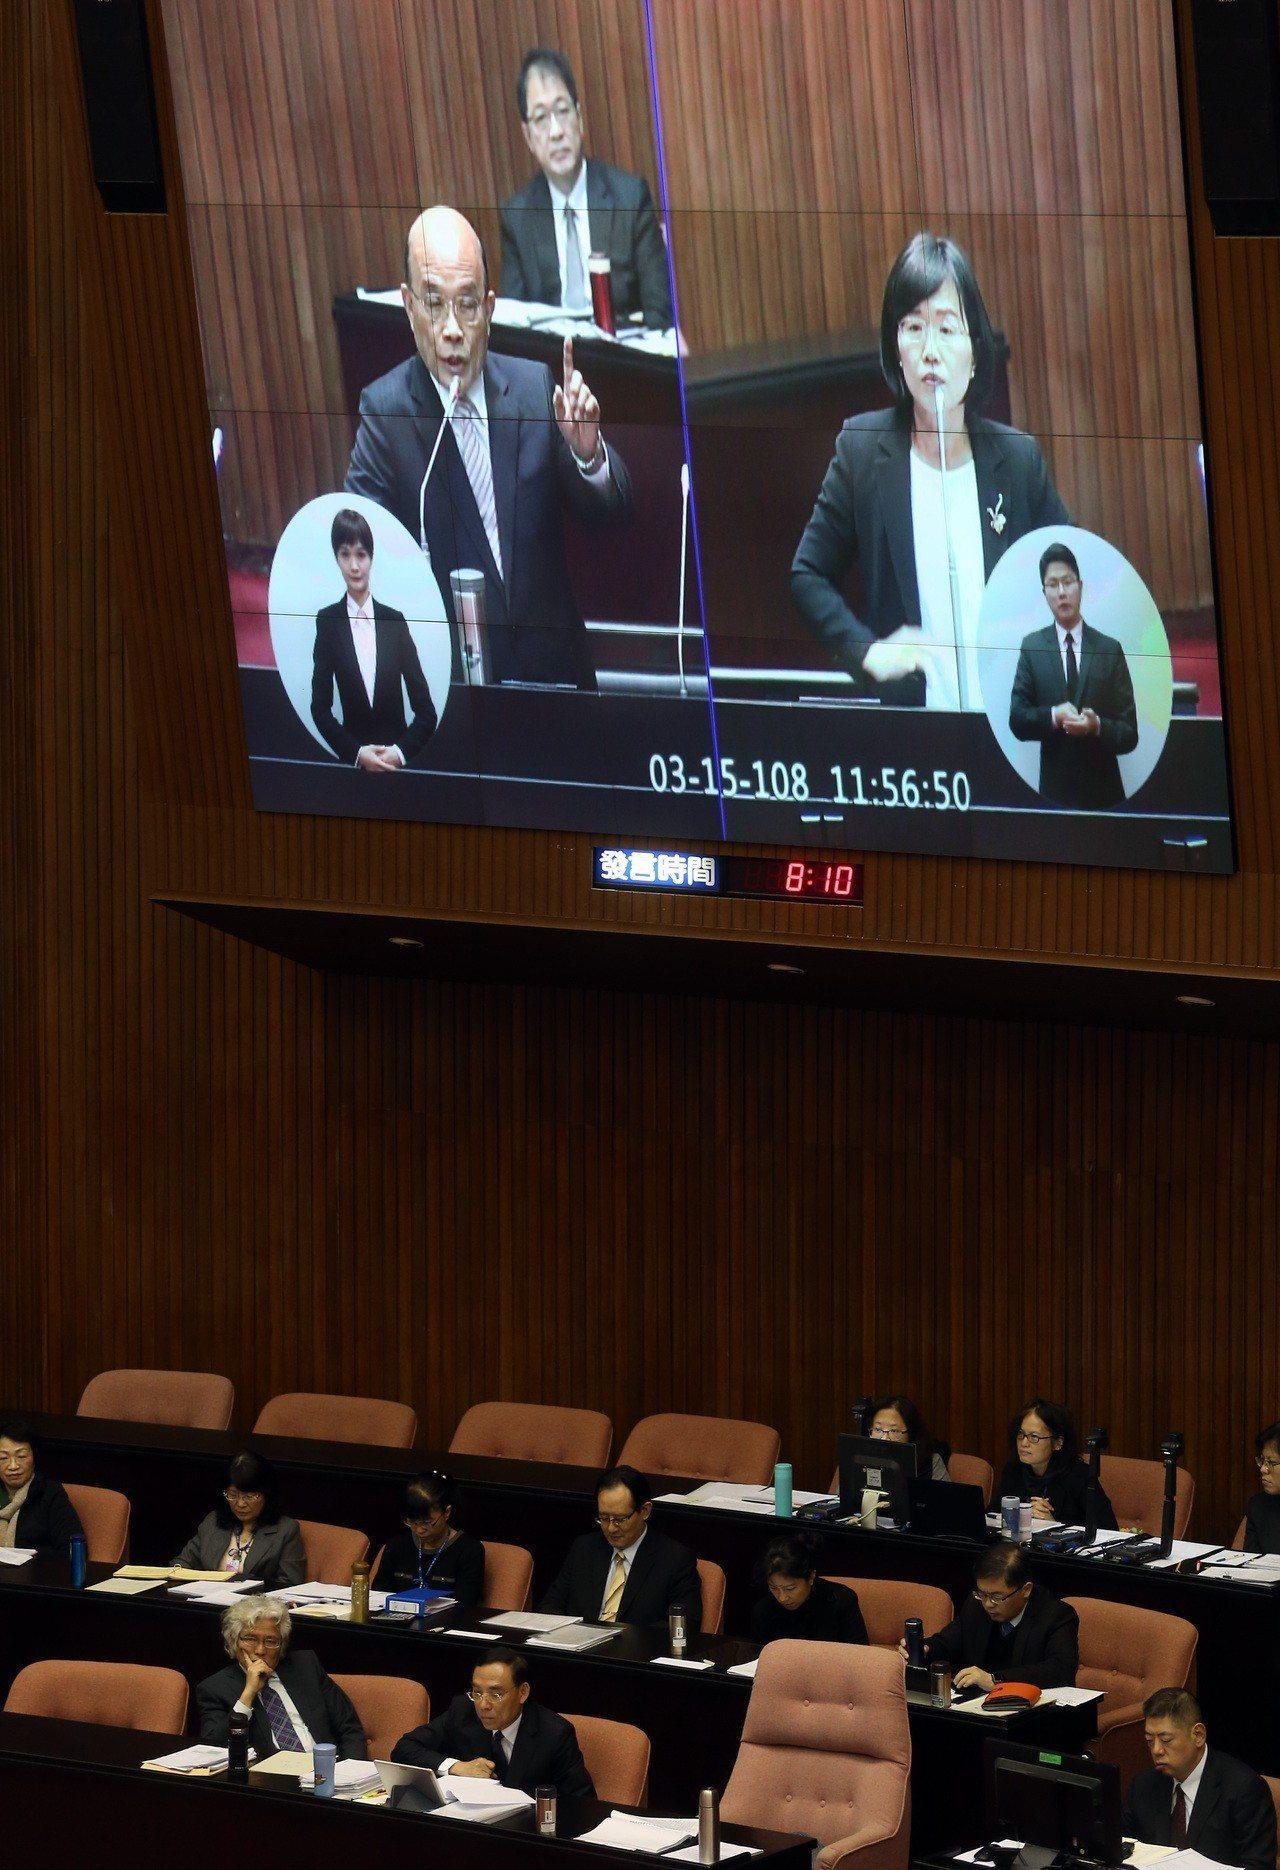 立委蘇巧慧上午質詢行政院長蘇貞昌時父女同台。記者曾吉松/攝影